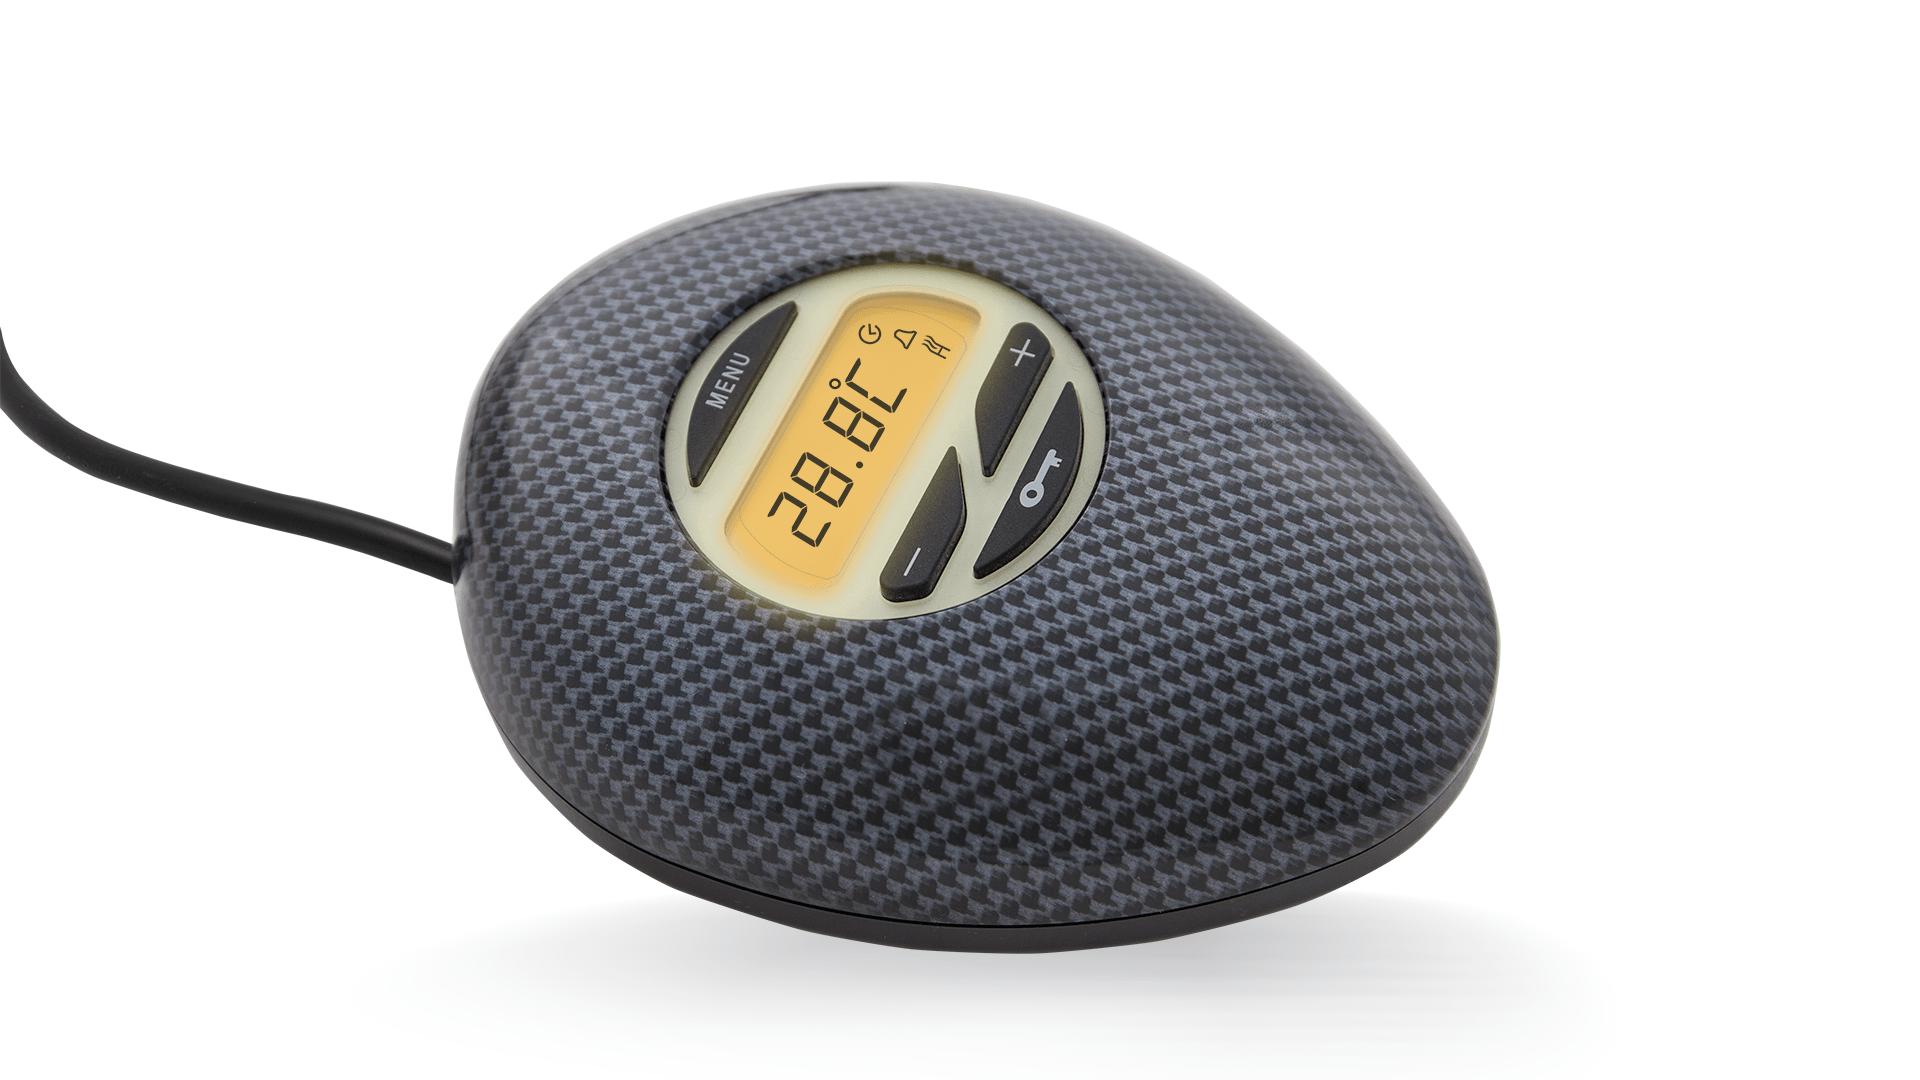 Wasserbettheizung Carbon IQ Digital Thermostat